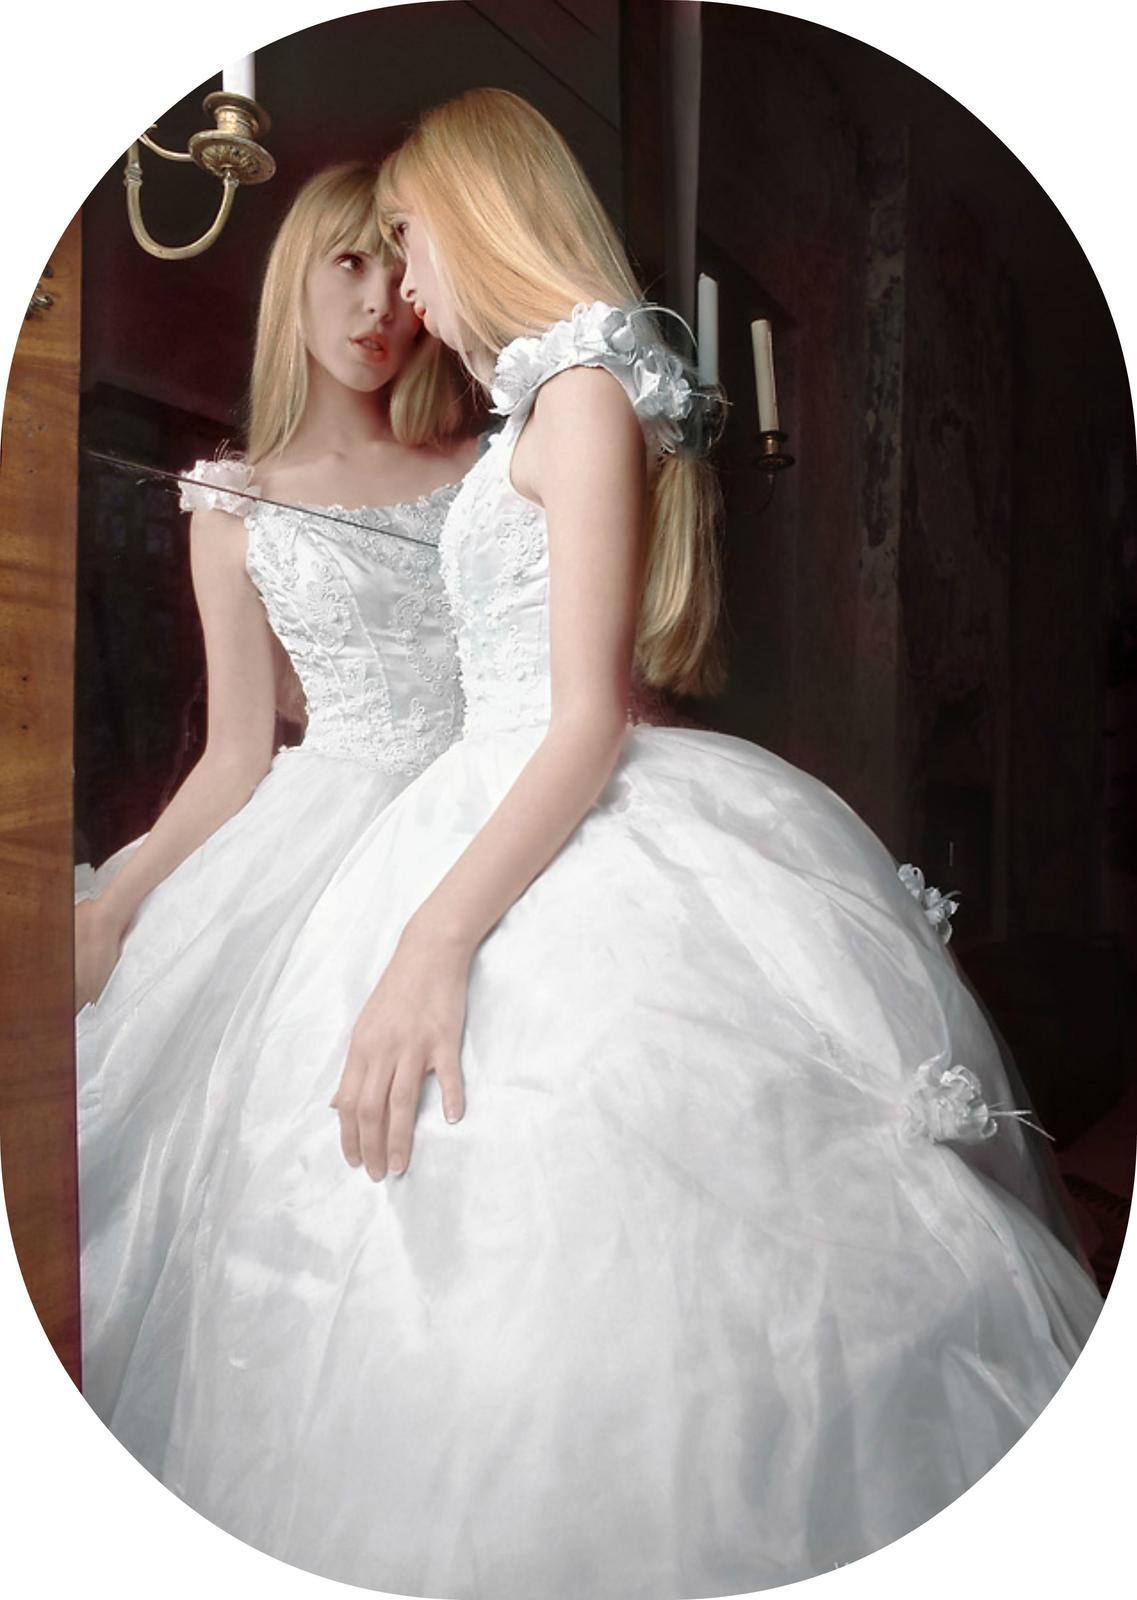 princeznovske svadobne saty - Obrázok č. 1